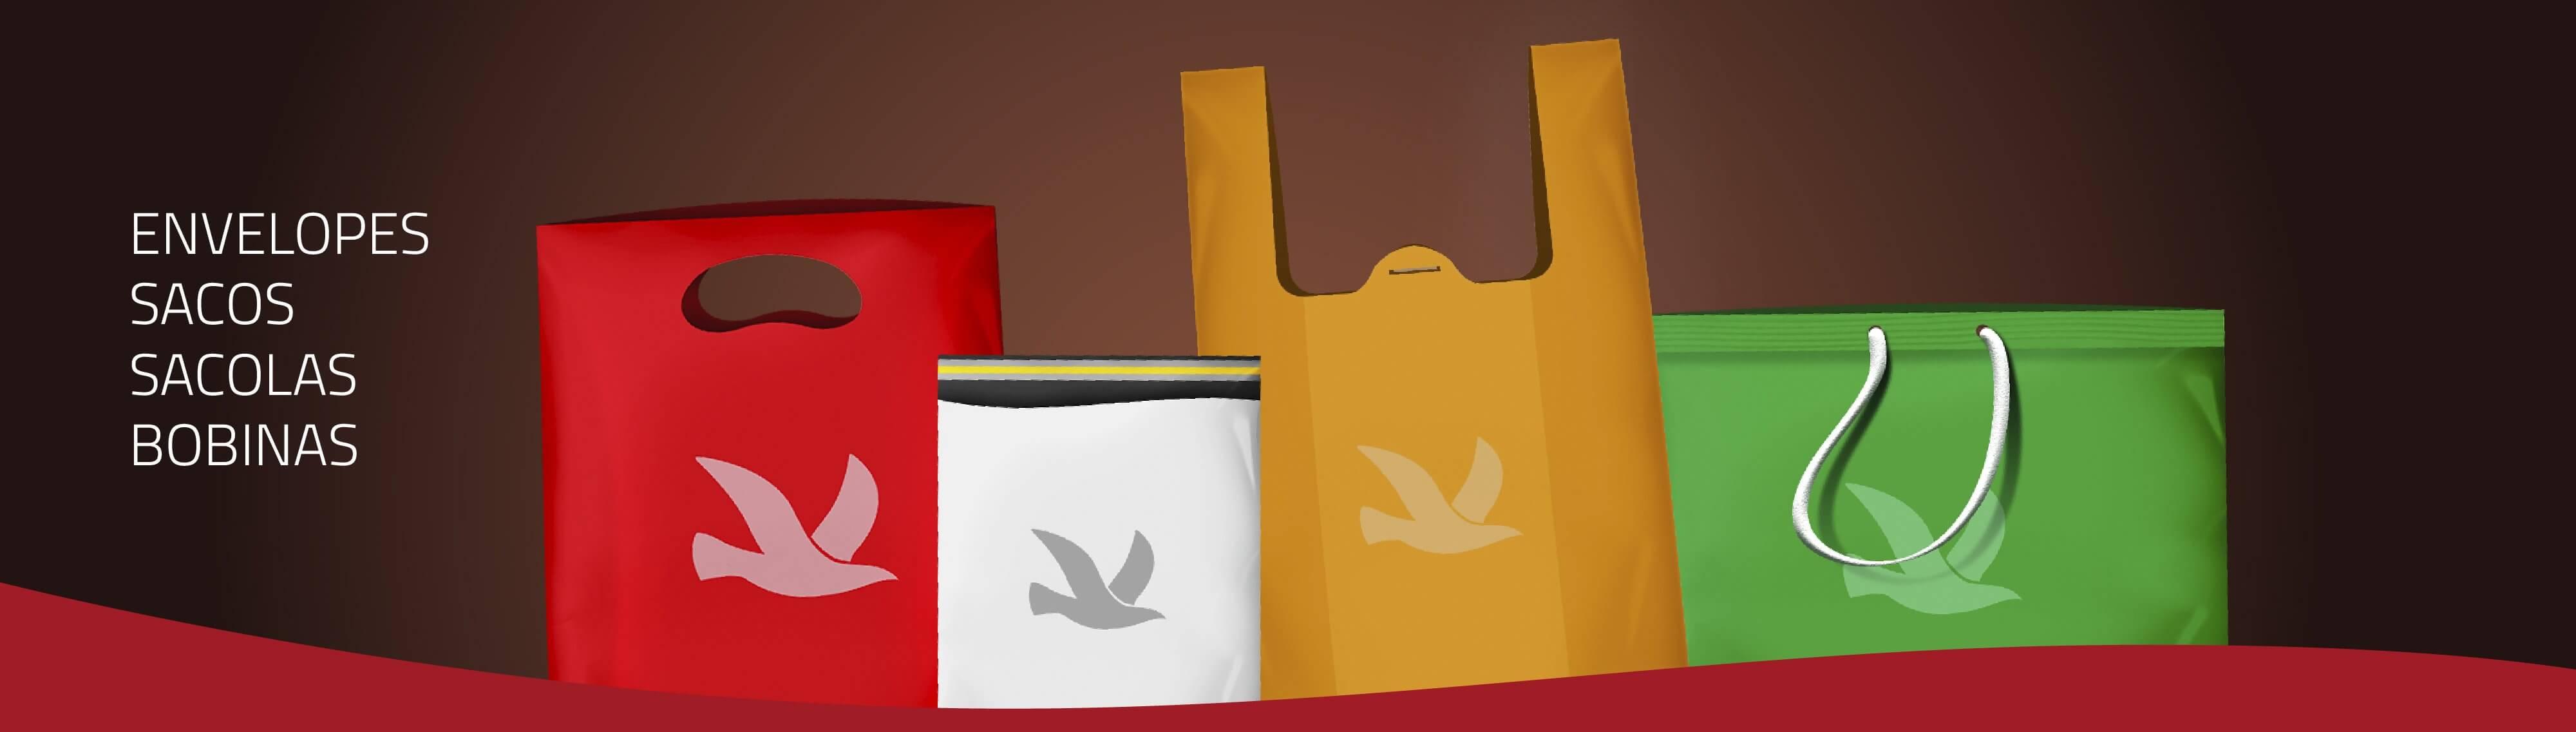 Envelopes, sacos, sacolas e bombinas